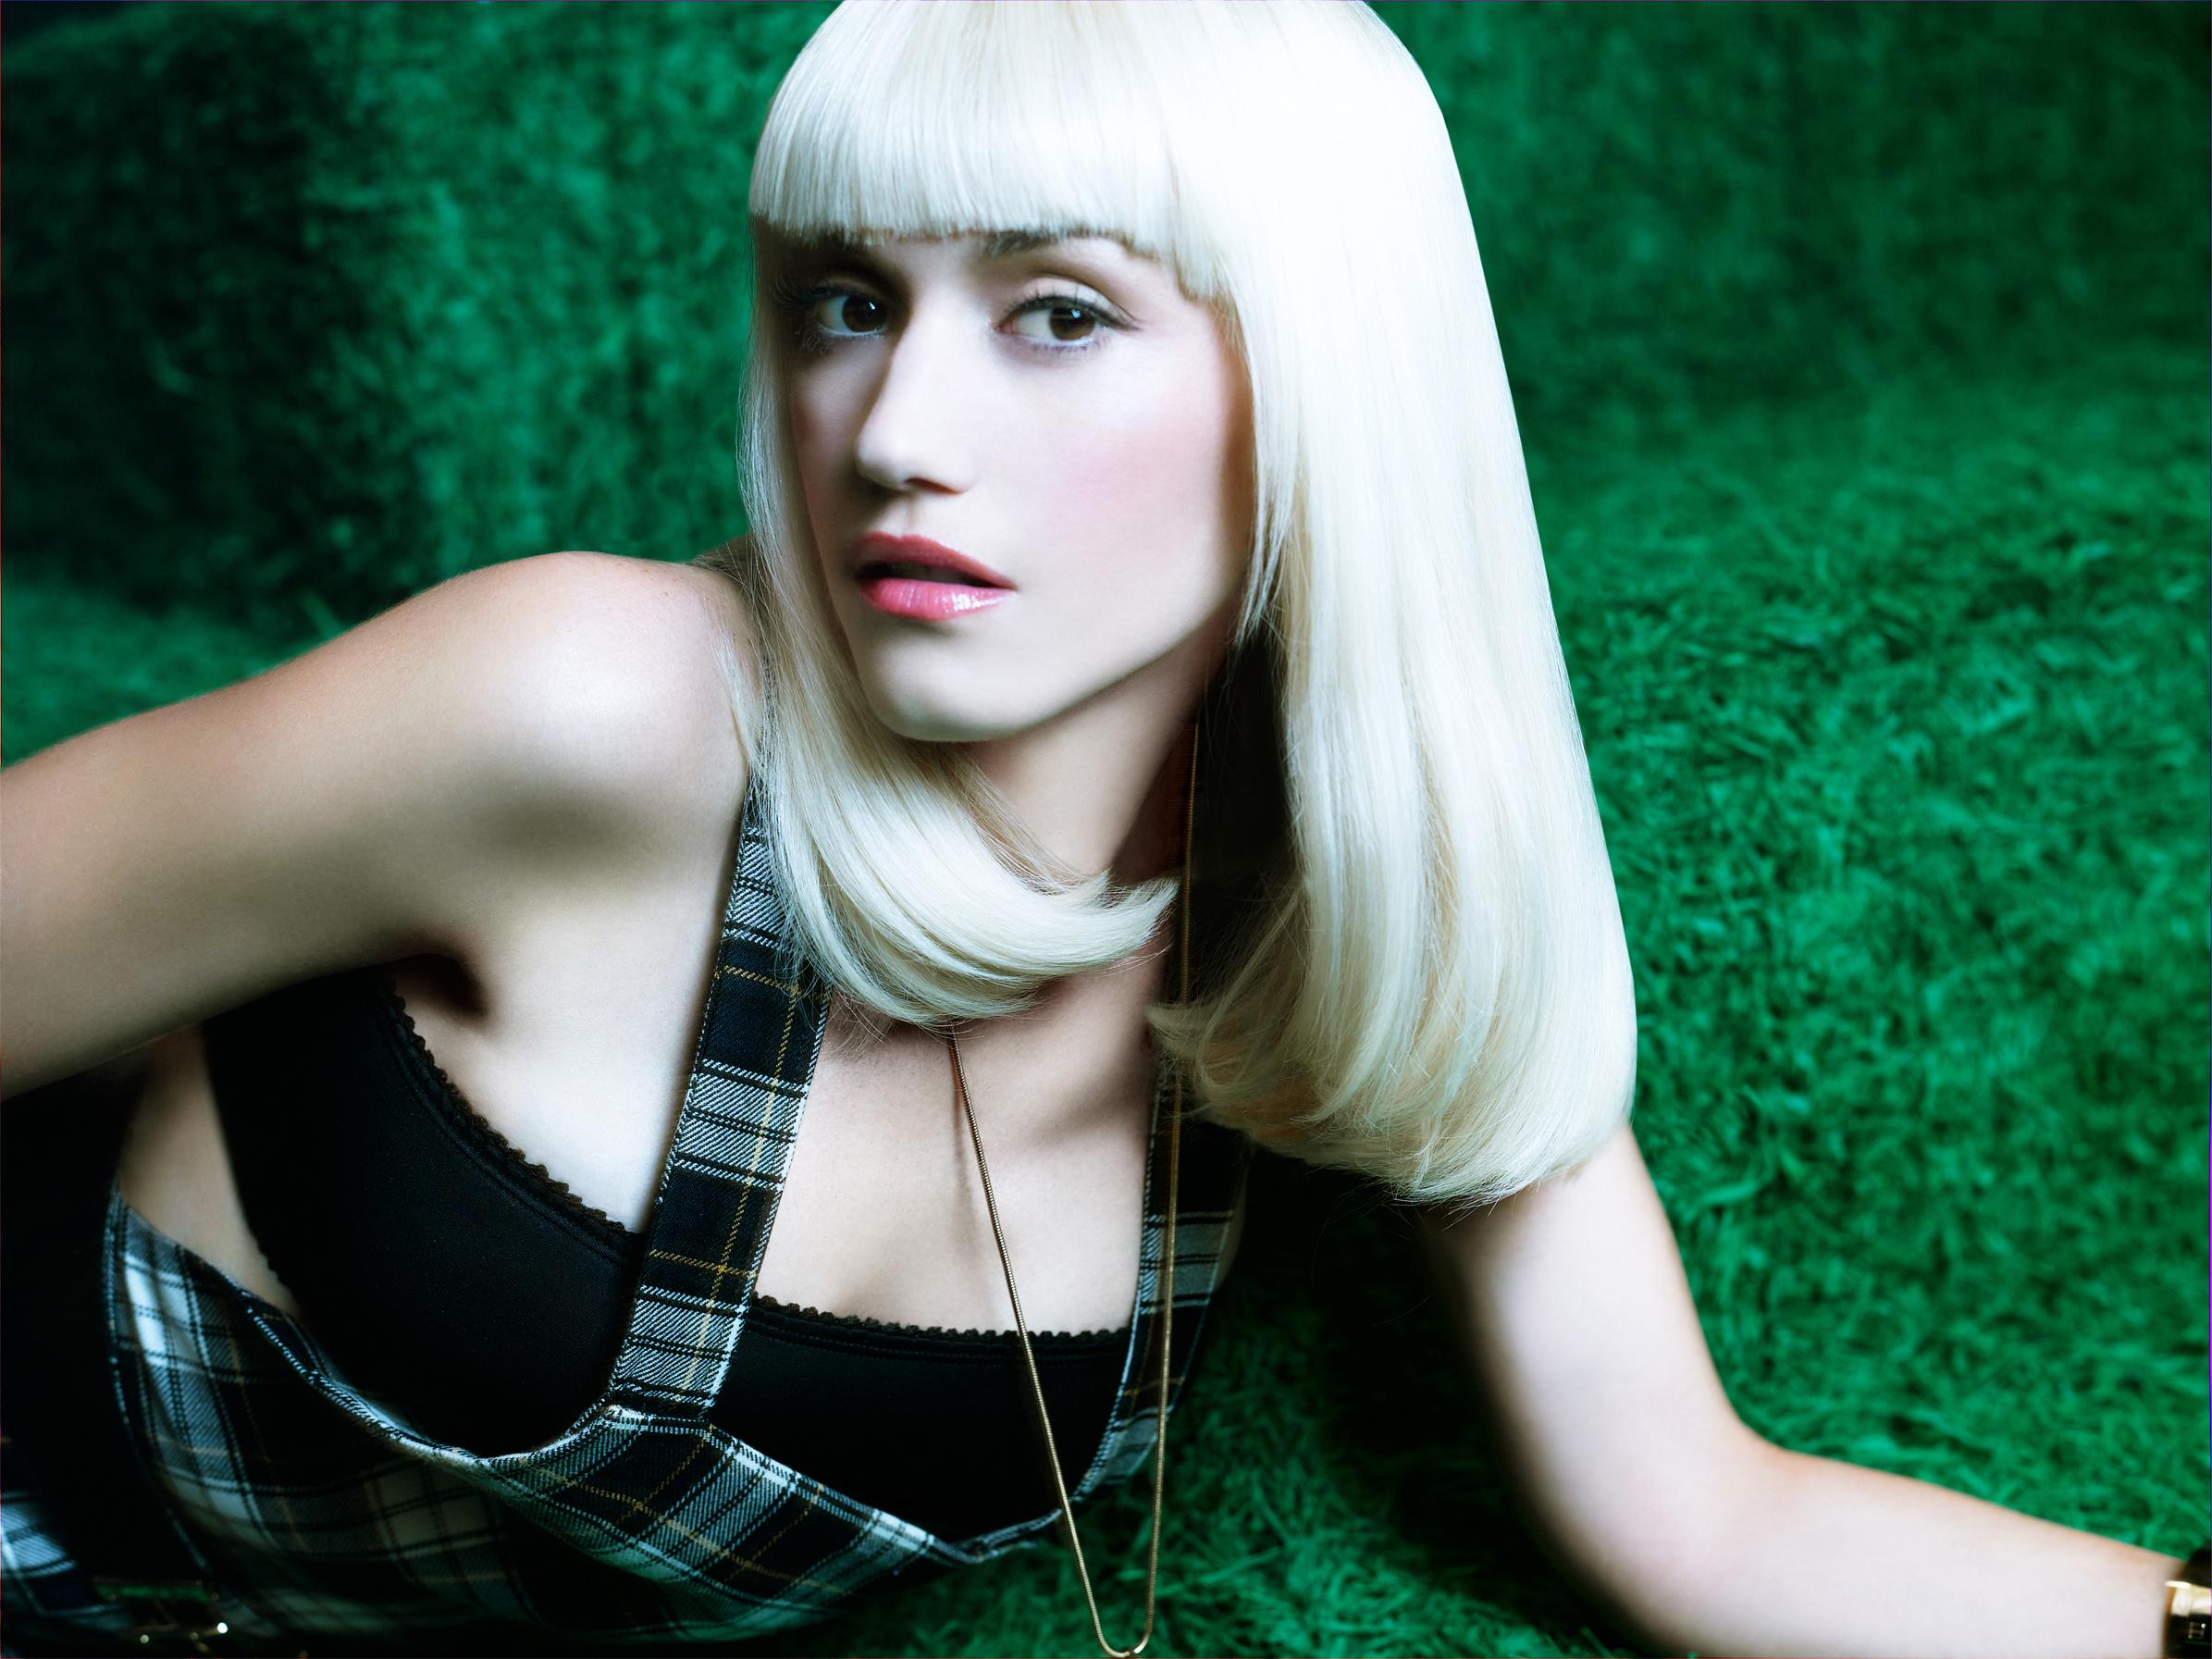 GwenStefaniShoot - Gwen Stefani